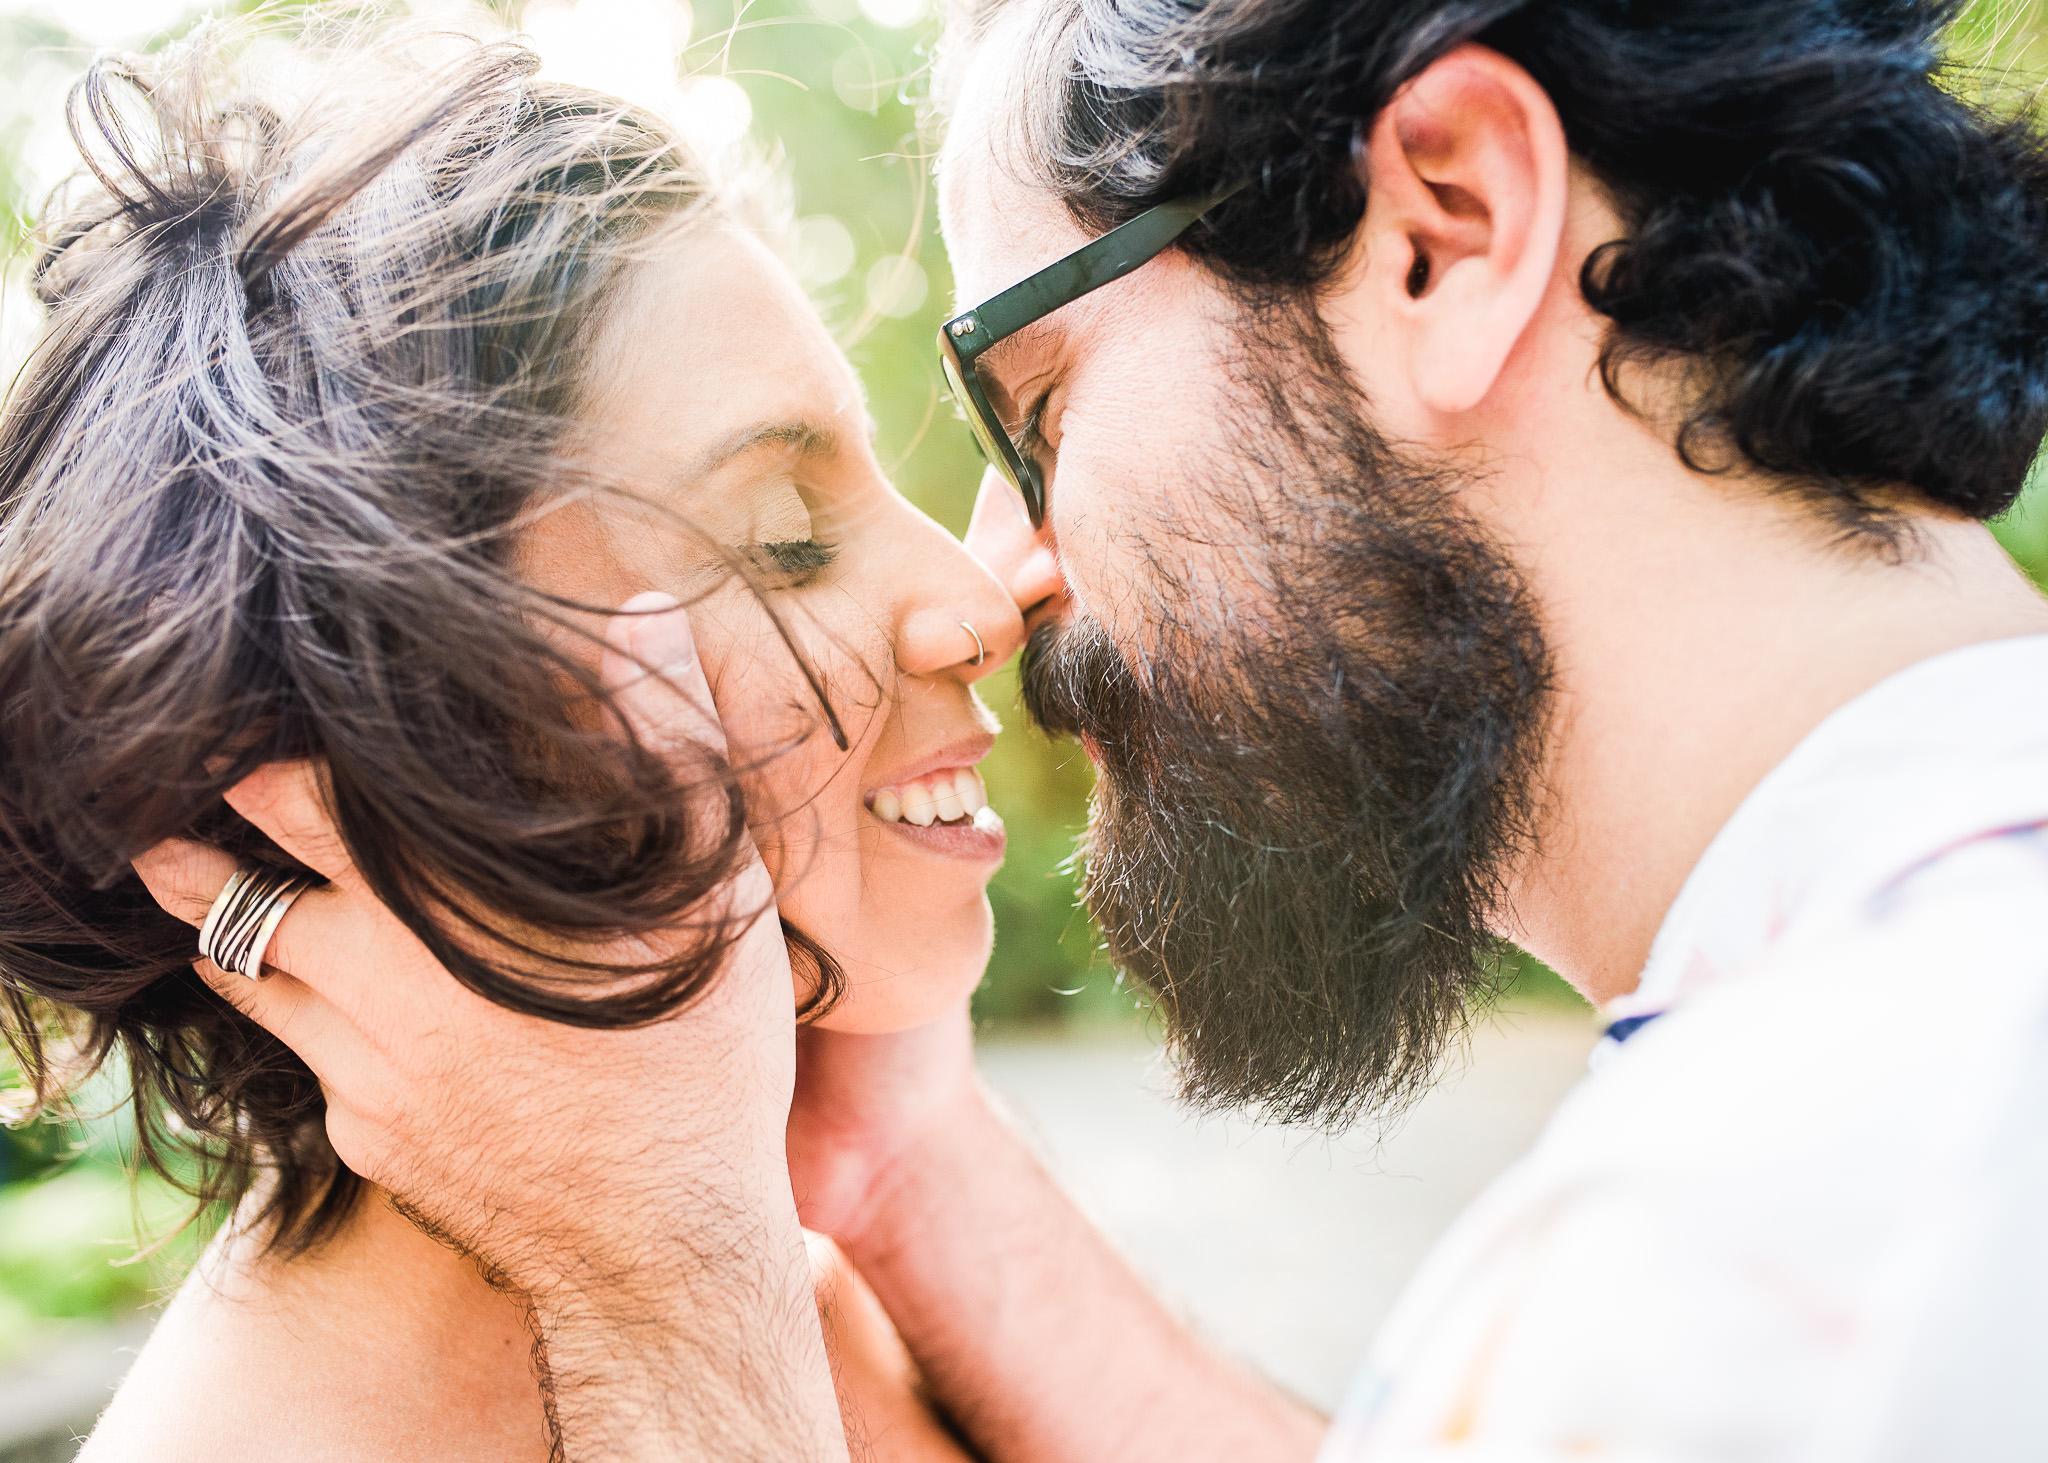 Lile Ruiz Casamento Mini Wedding Casal ENSAIO RIO DE JANEIRO 3.jpg